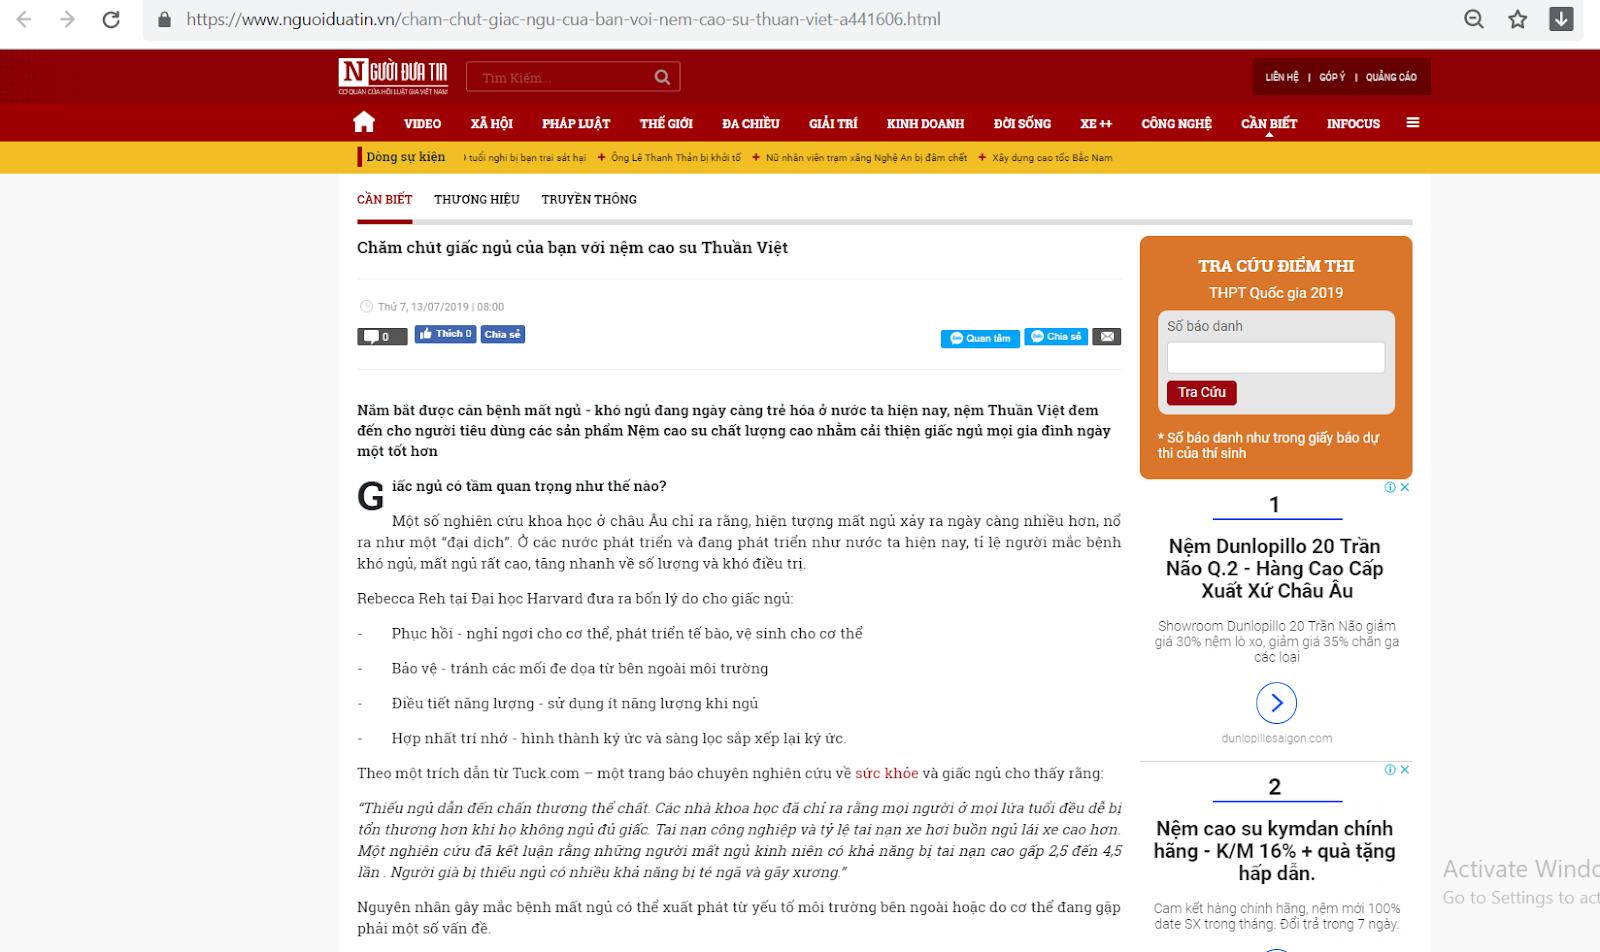 Nệm Thuần Việt trên báo người đưa tin